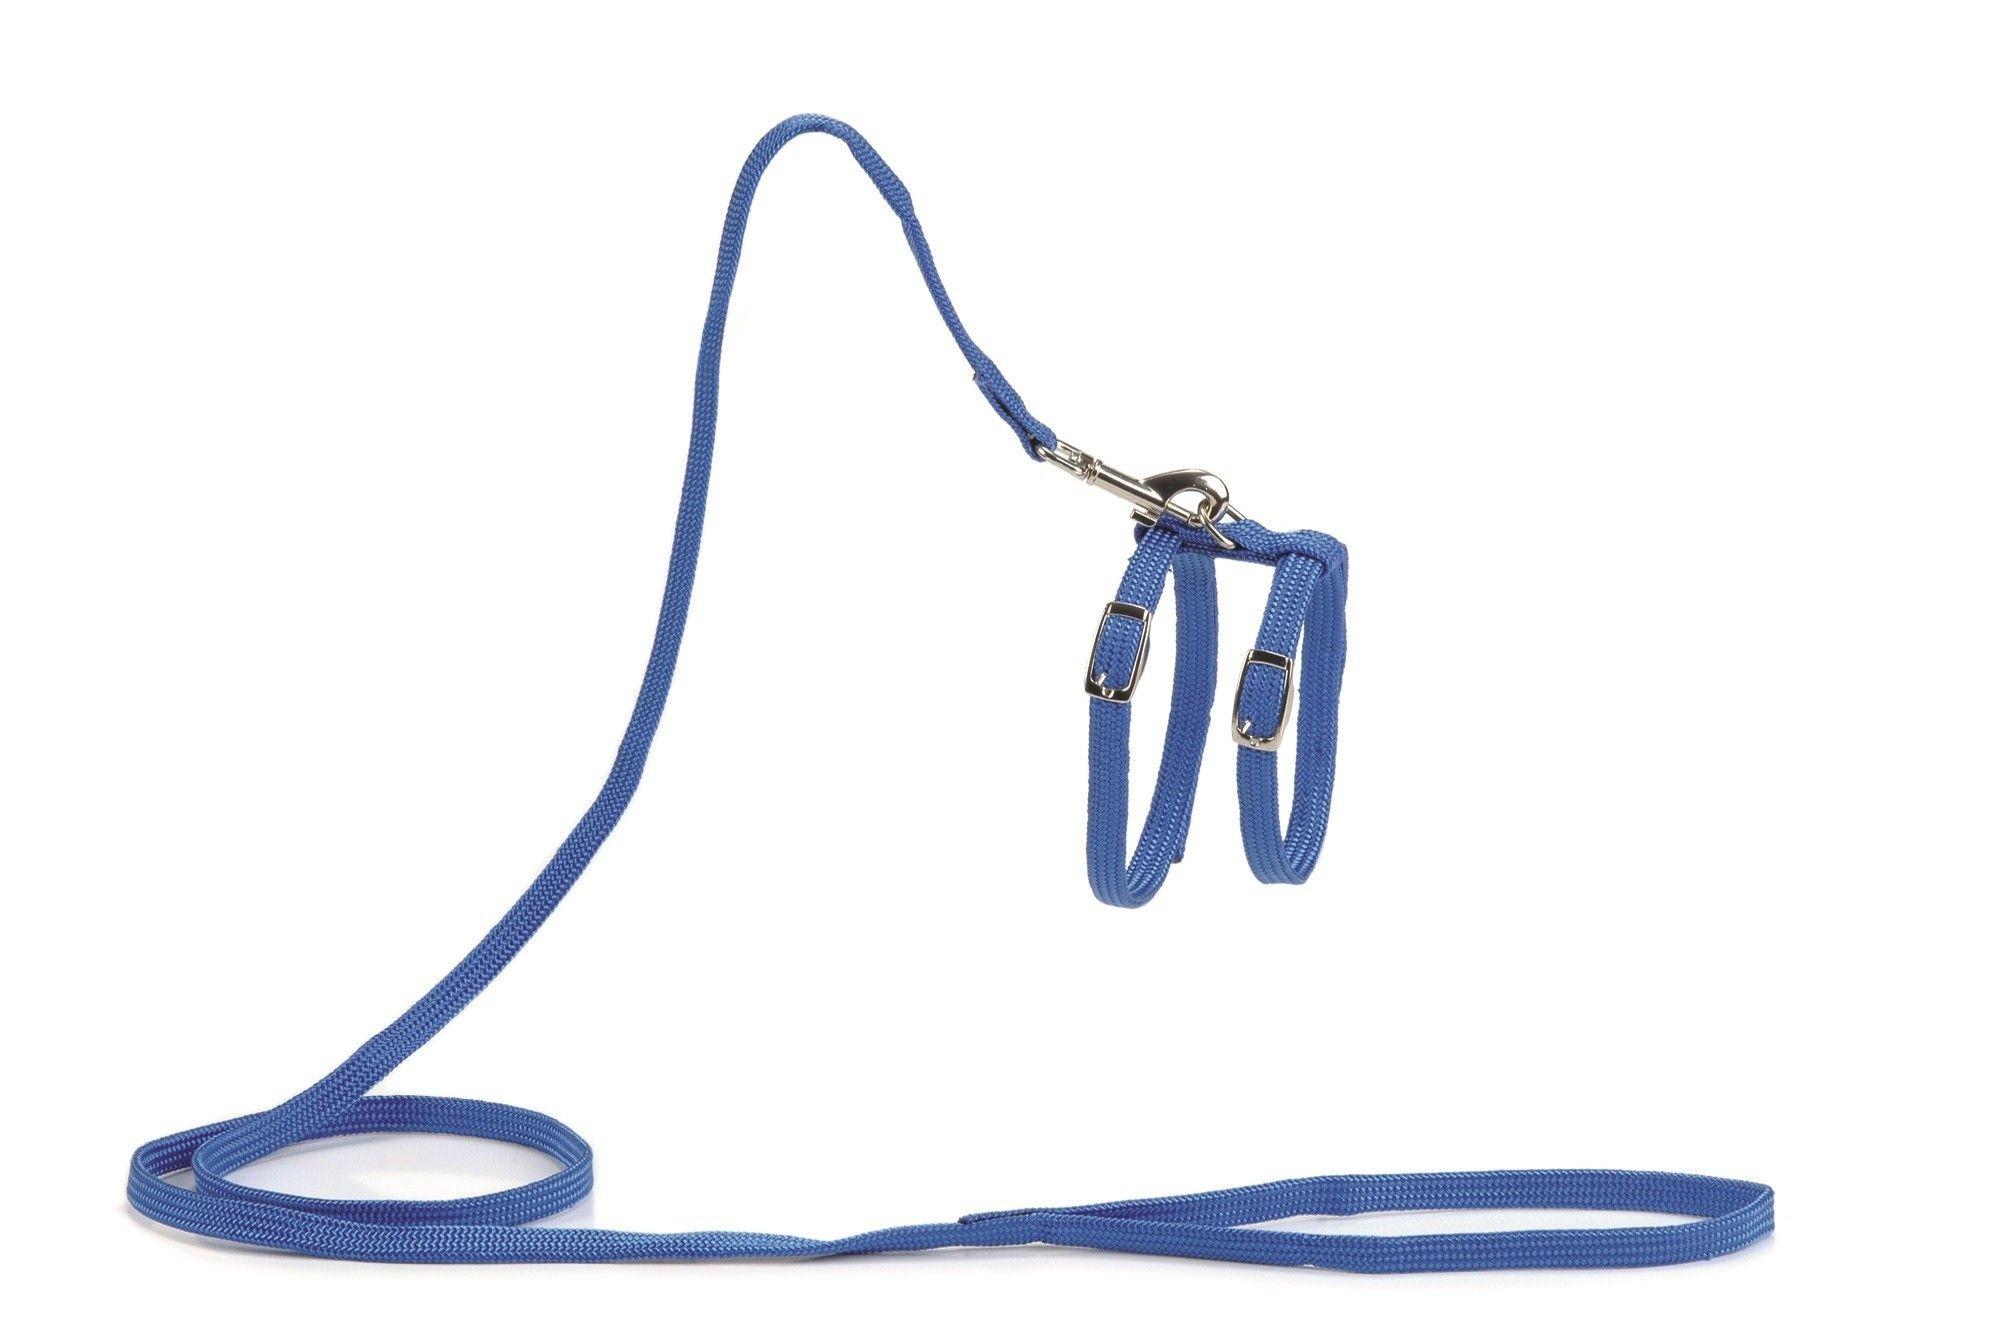 Kattentuig met 130cm looplijn blauw Beeztees